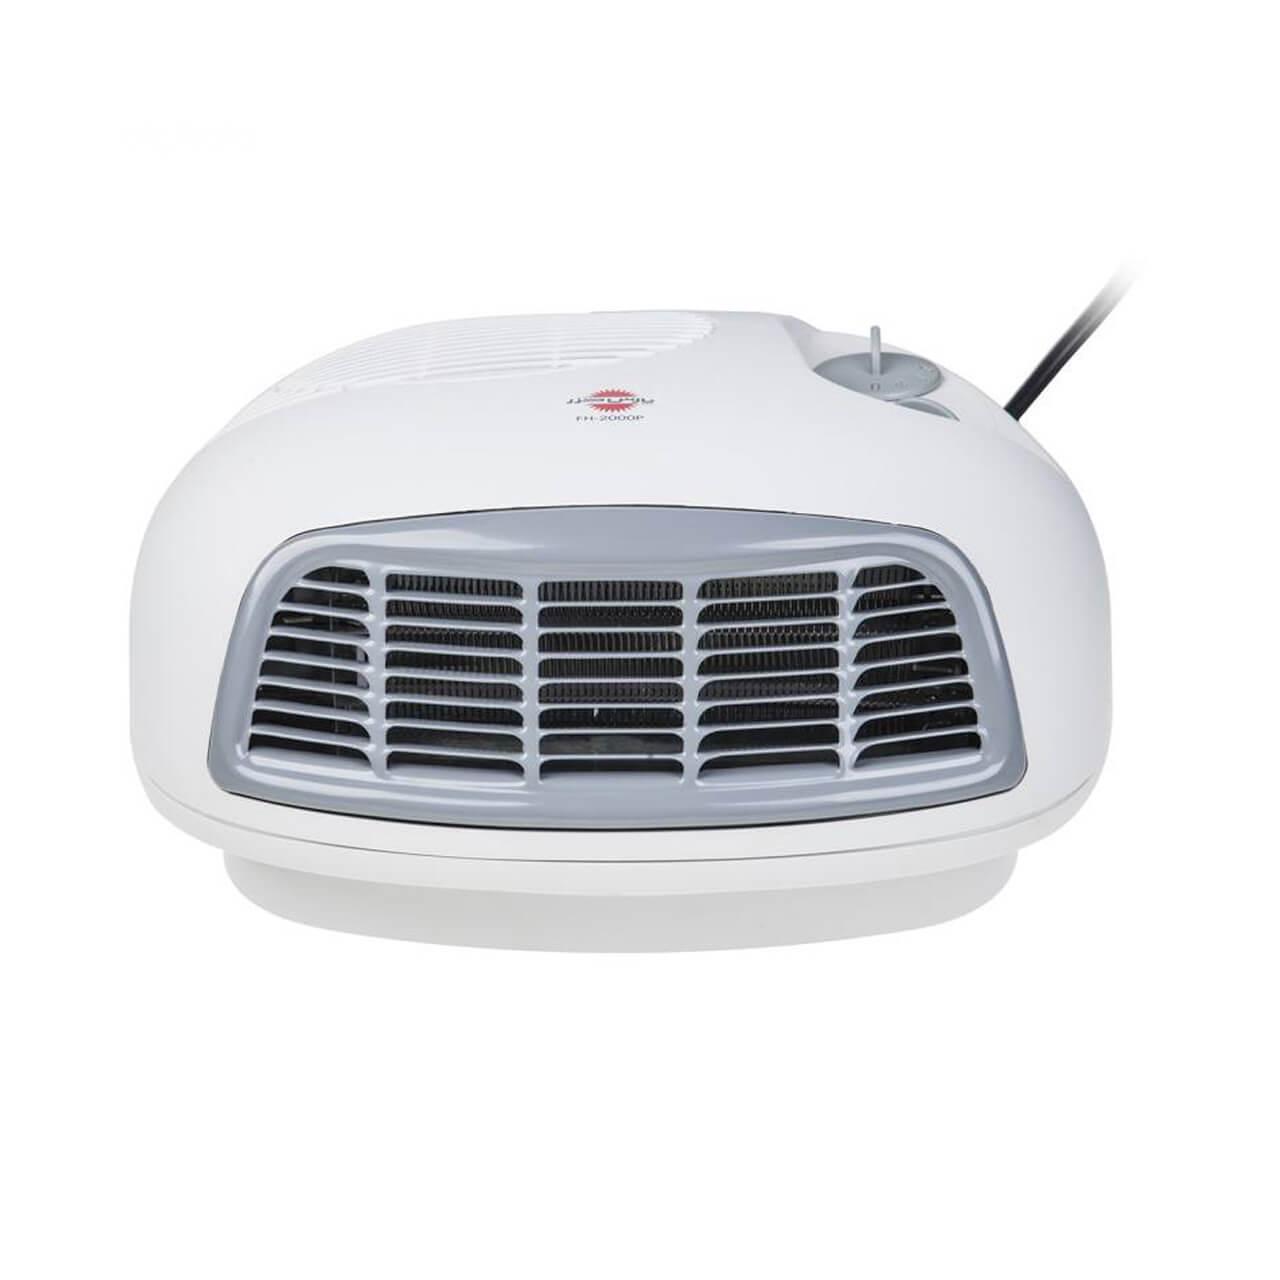 بخاری برقی فن دار پارس خزر | Parskhazar Fan Heater FH2000P